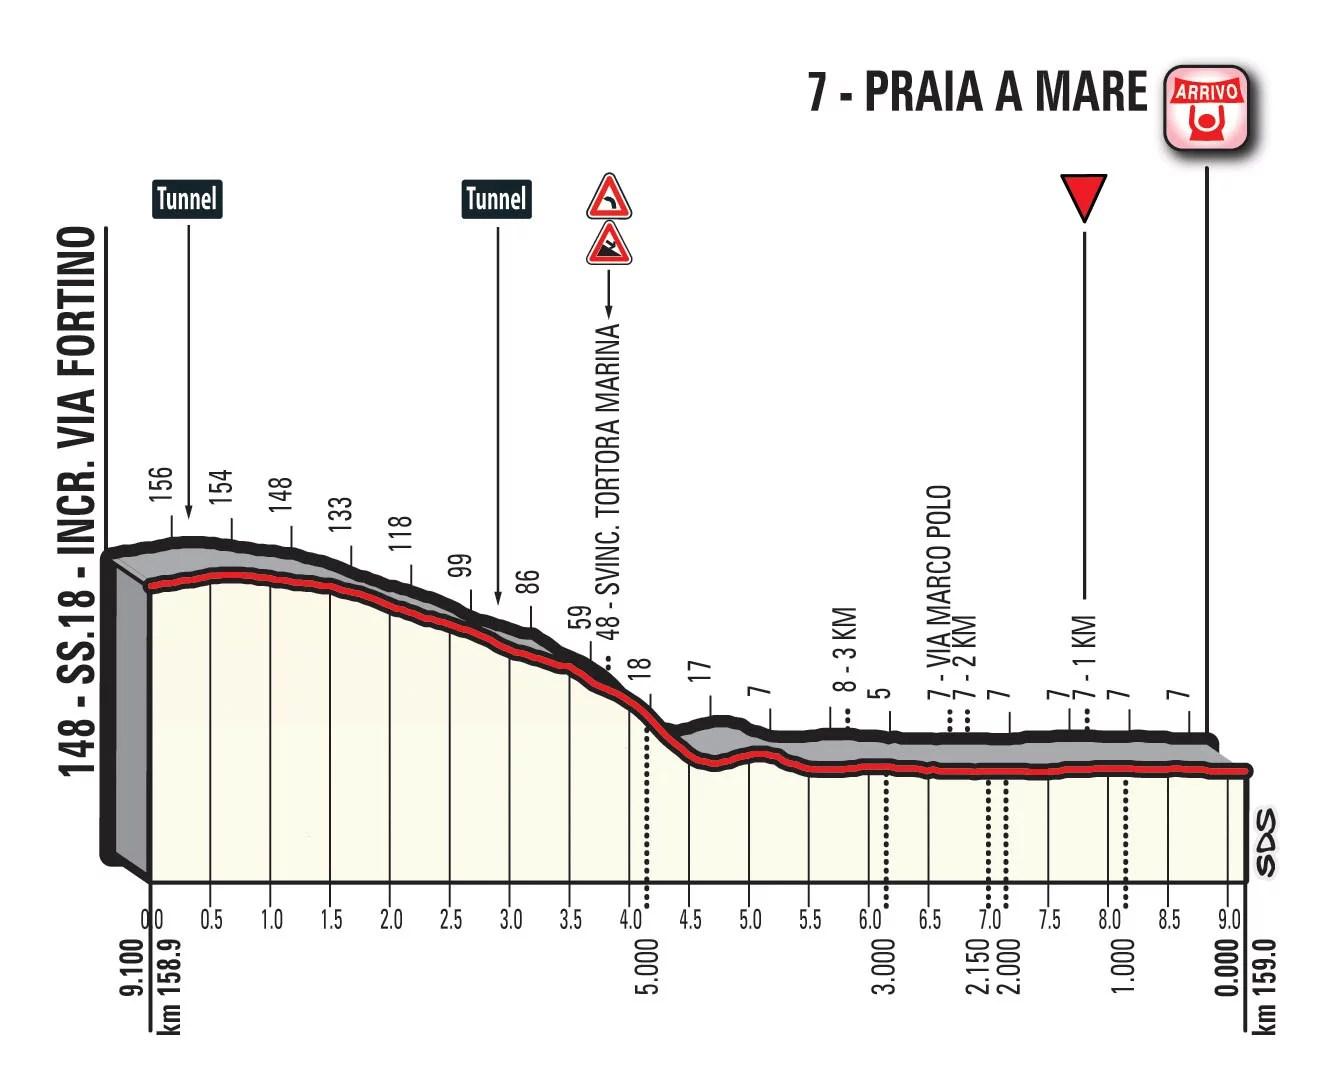 Tour d'Italie : Bennett brise la série de Viviani